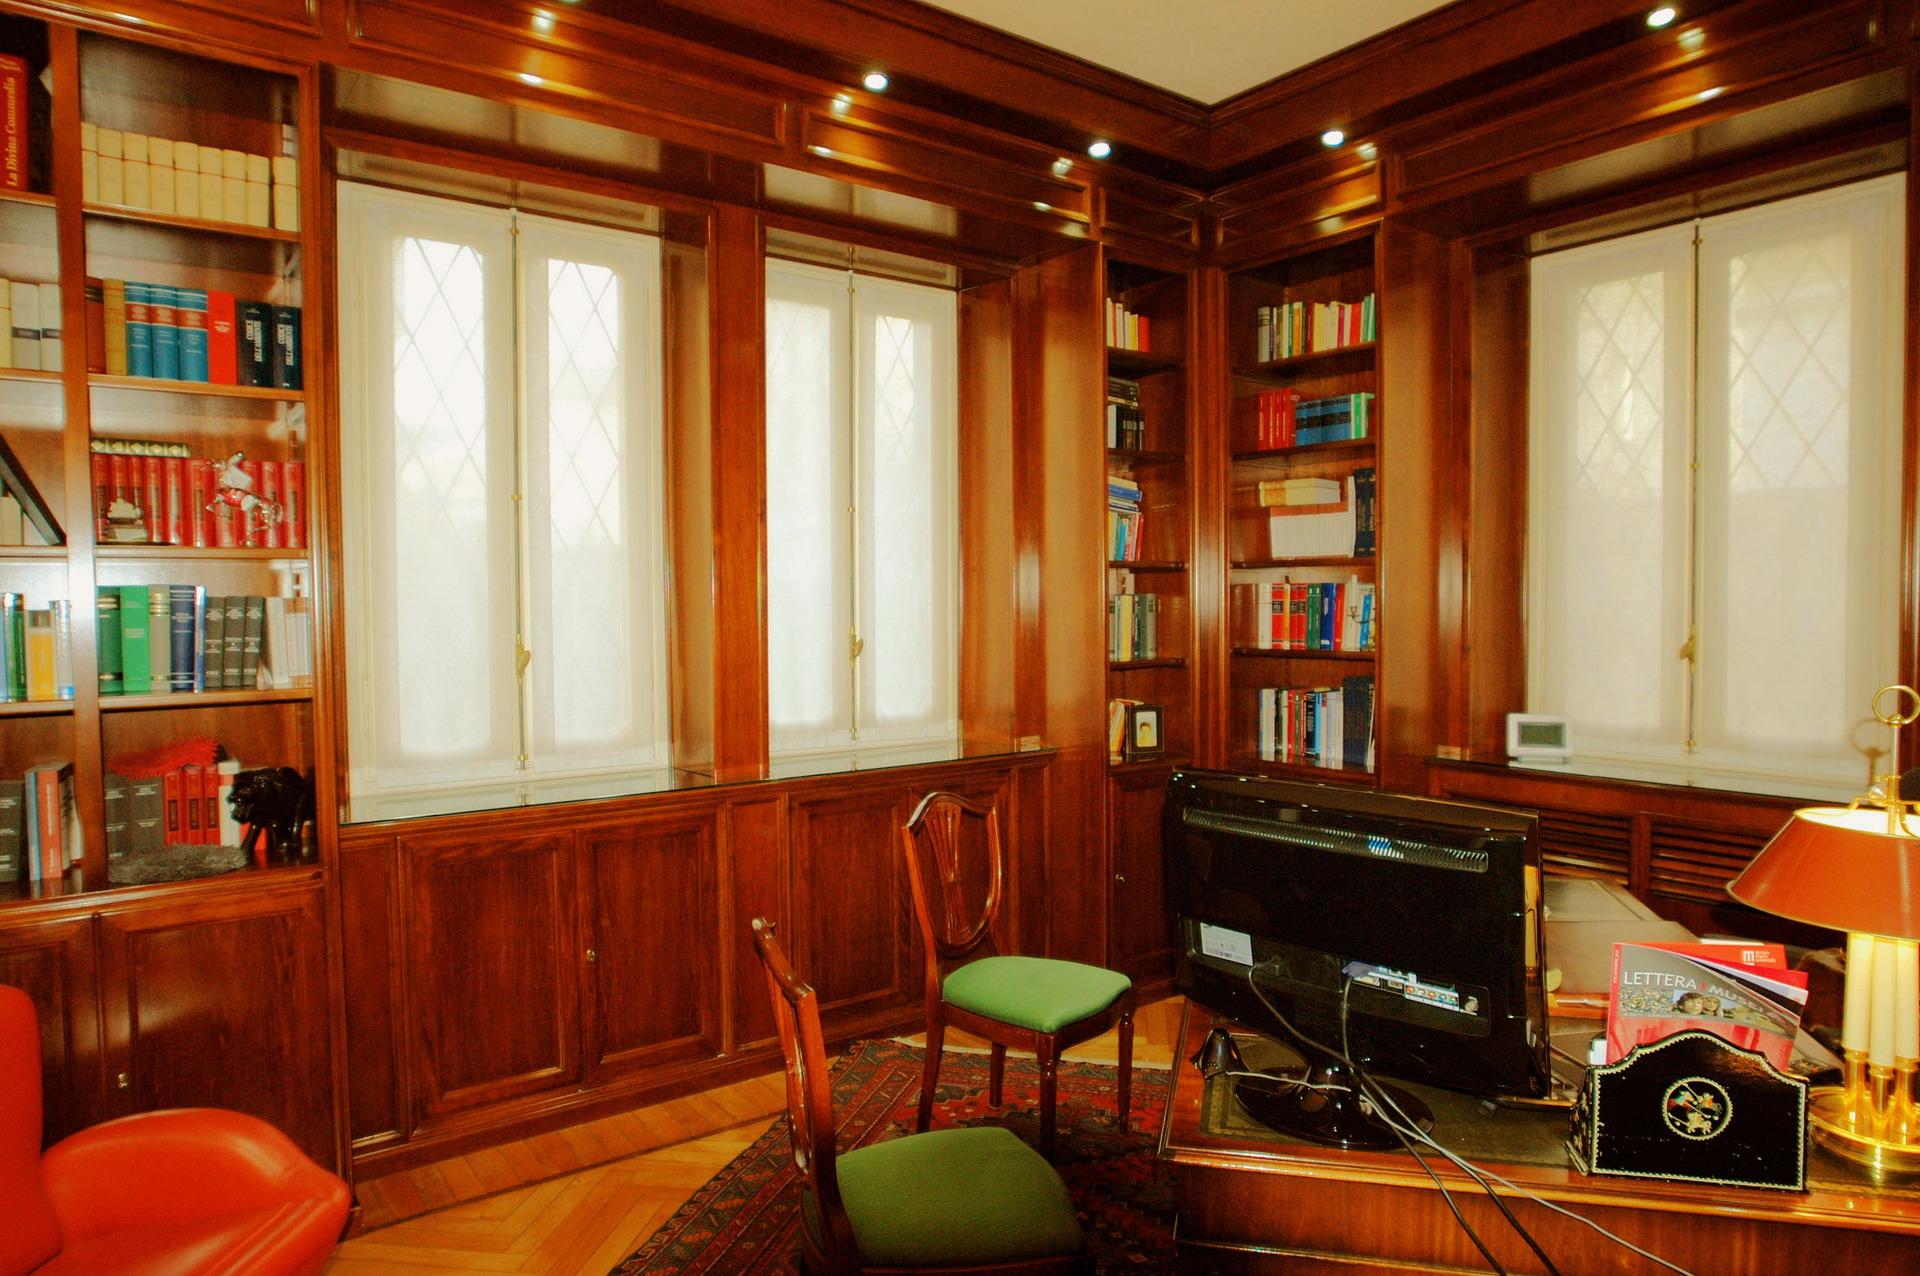 Progetto studio legale mobili ferrero for Mobili studio legale